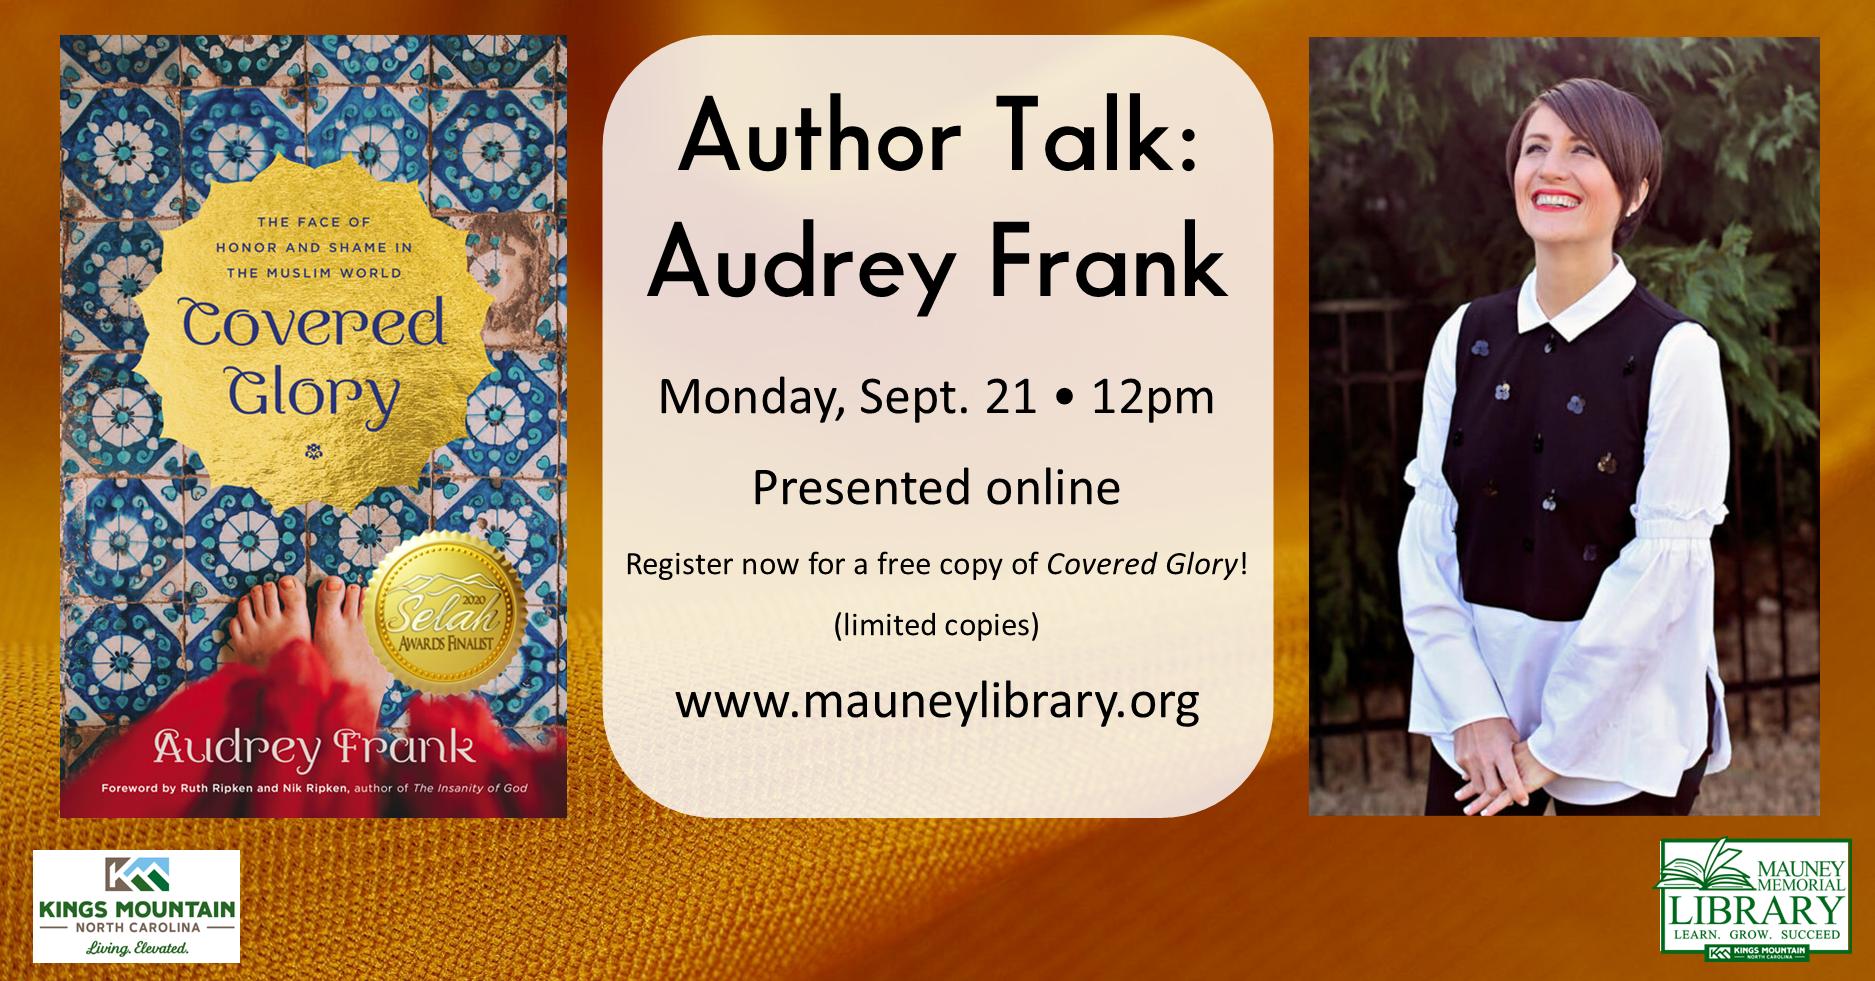 Author Talk: Audrey Frank